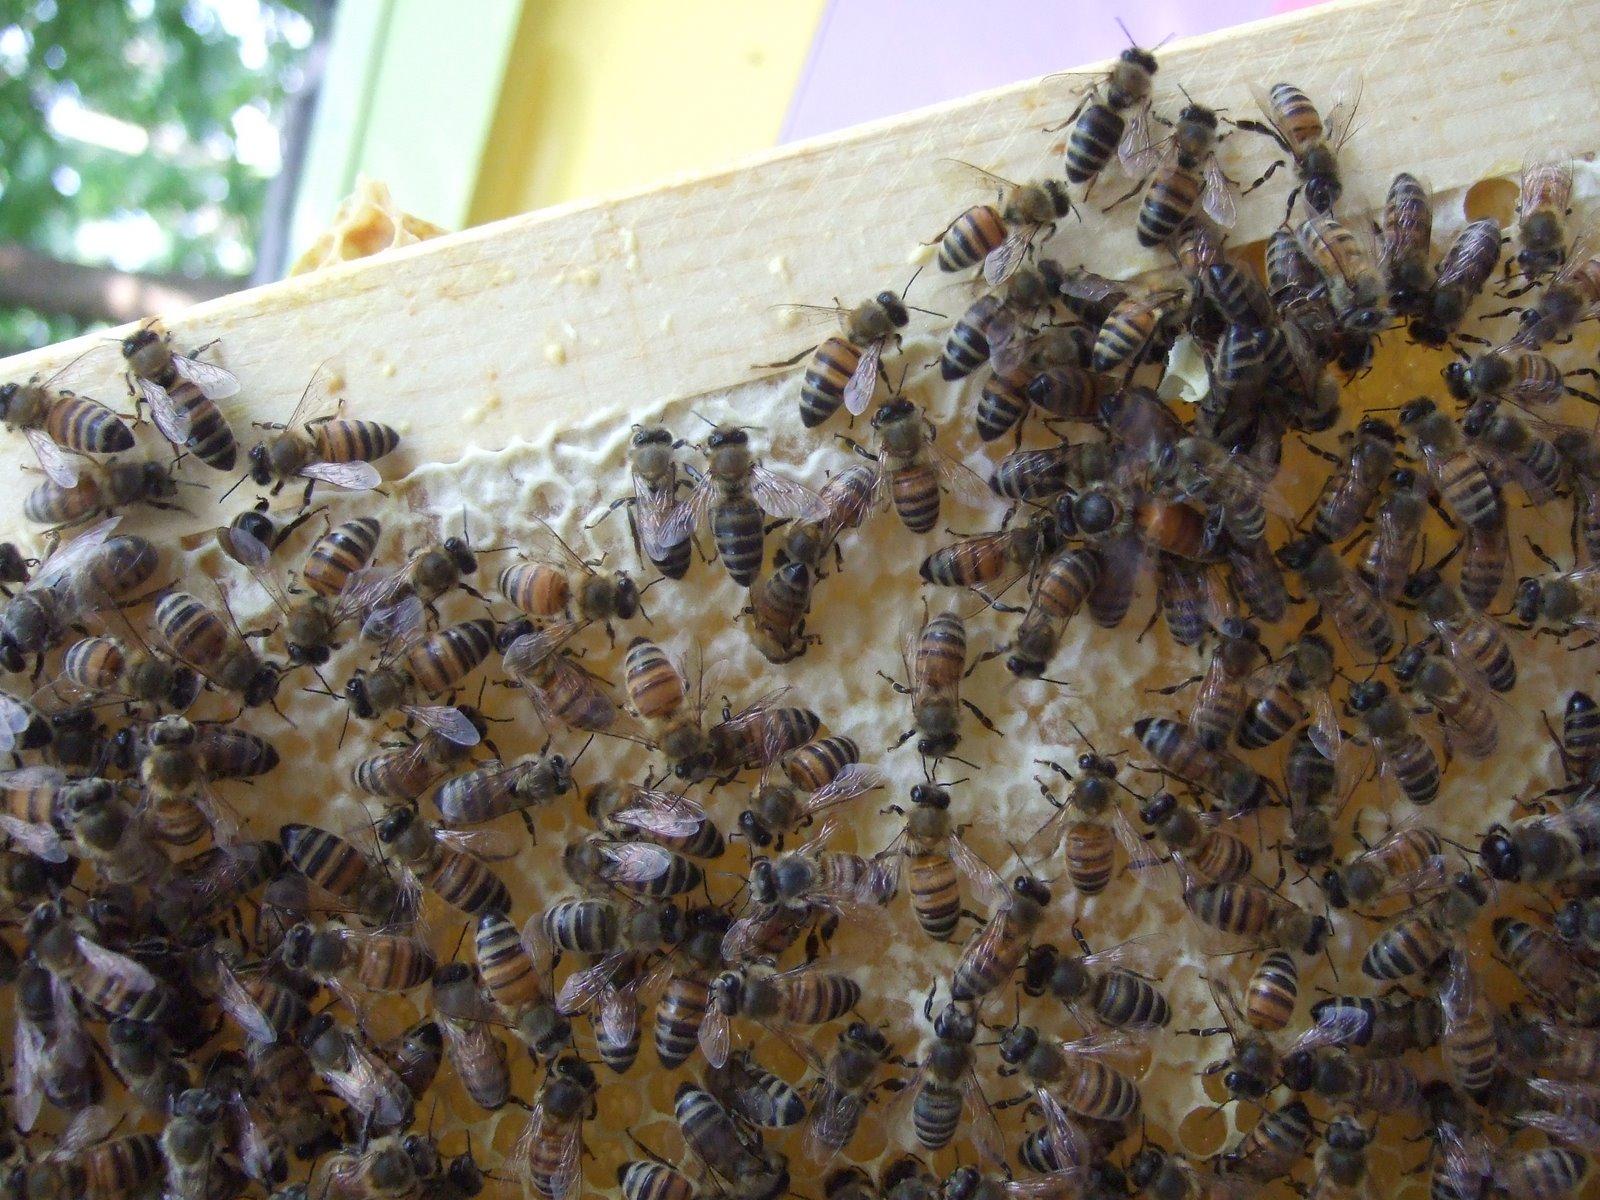 [Hive]